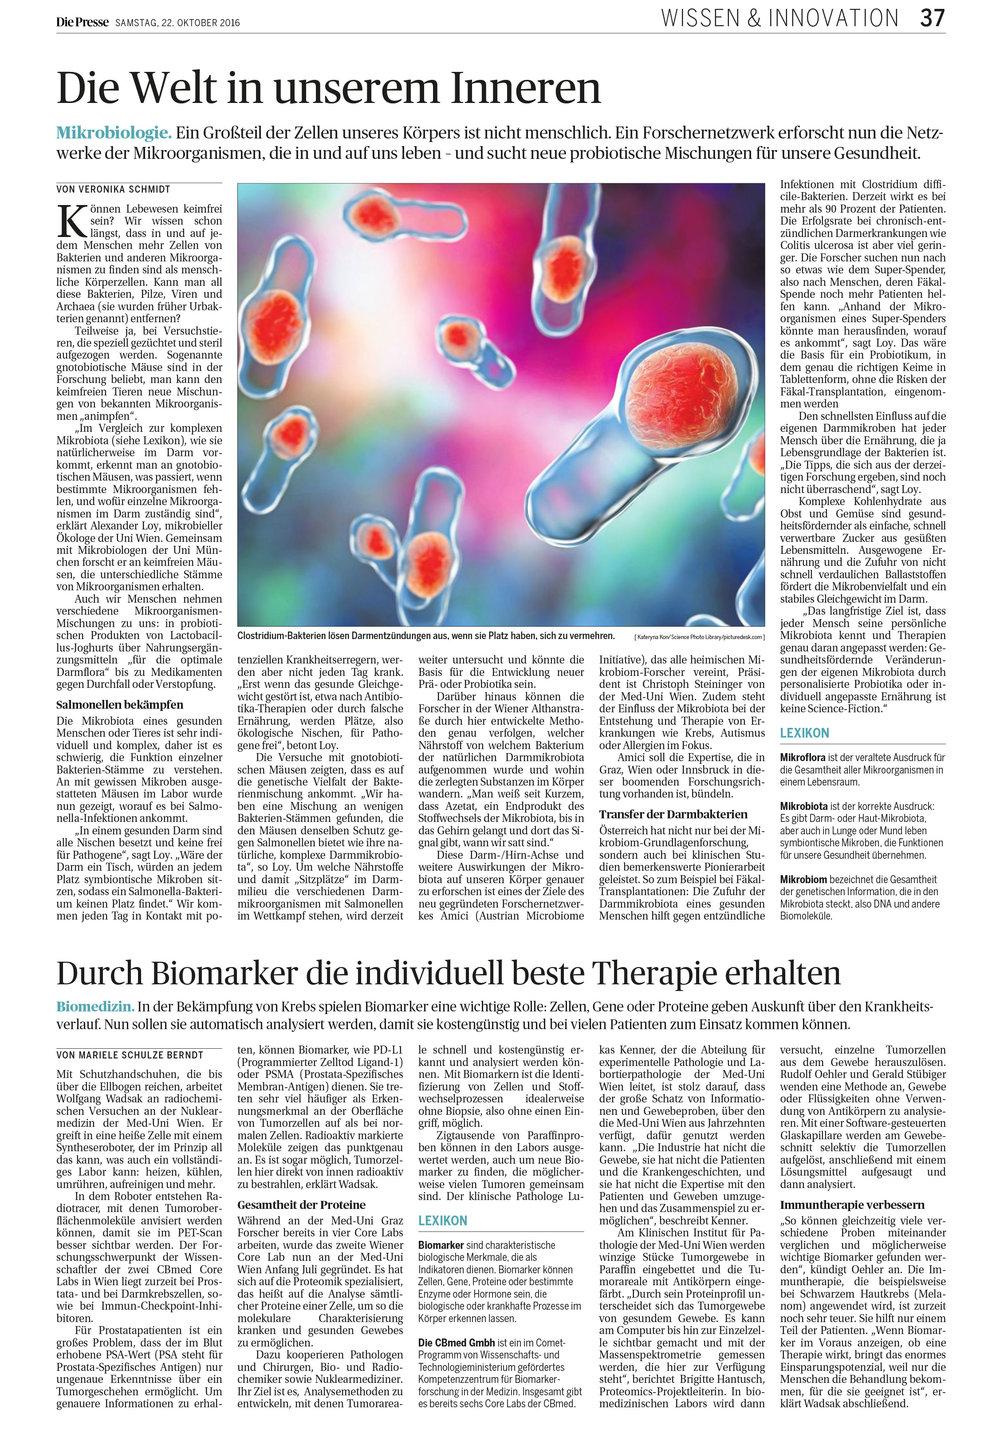 CBMed_Die_Presse_20161022_Österreich[3].jpg